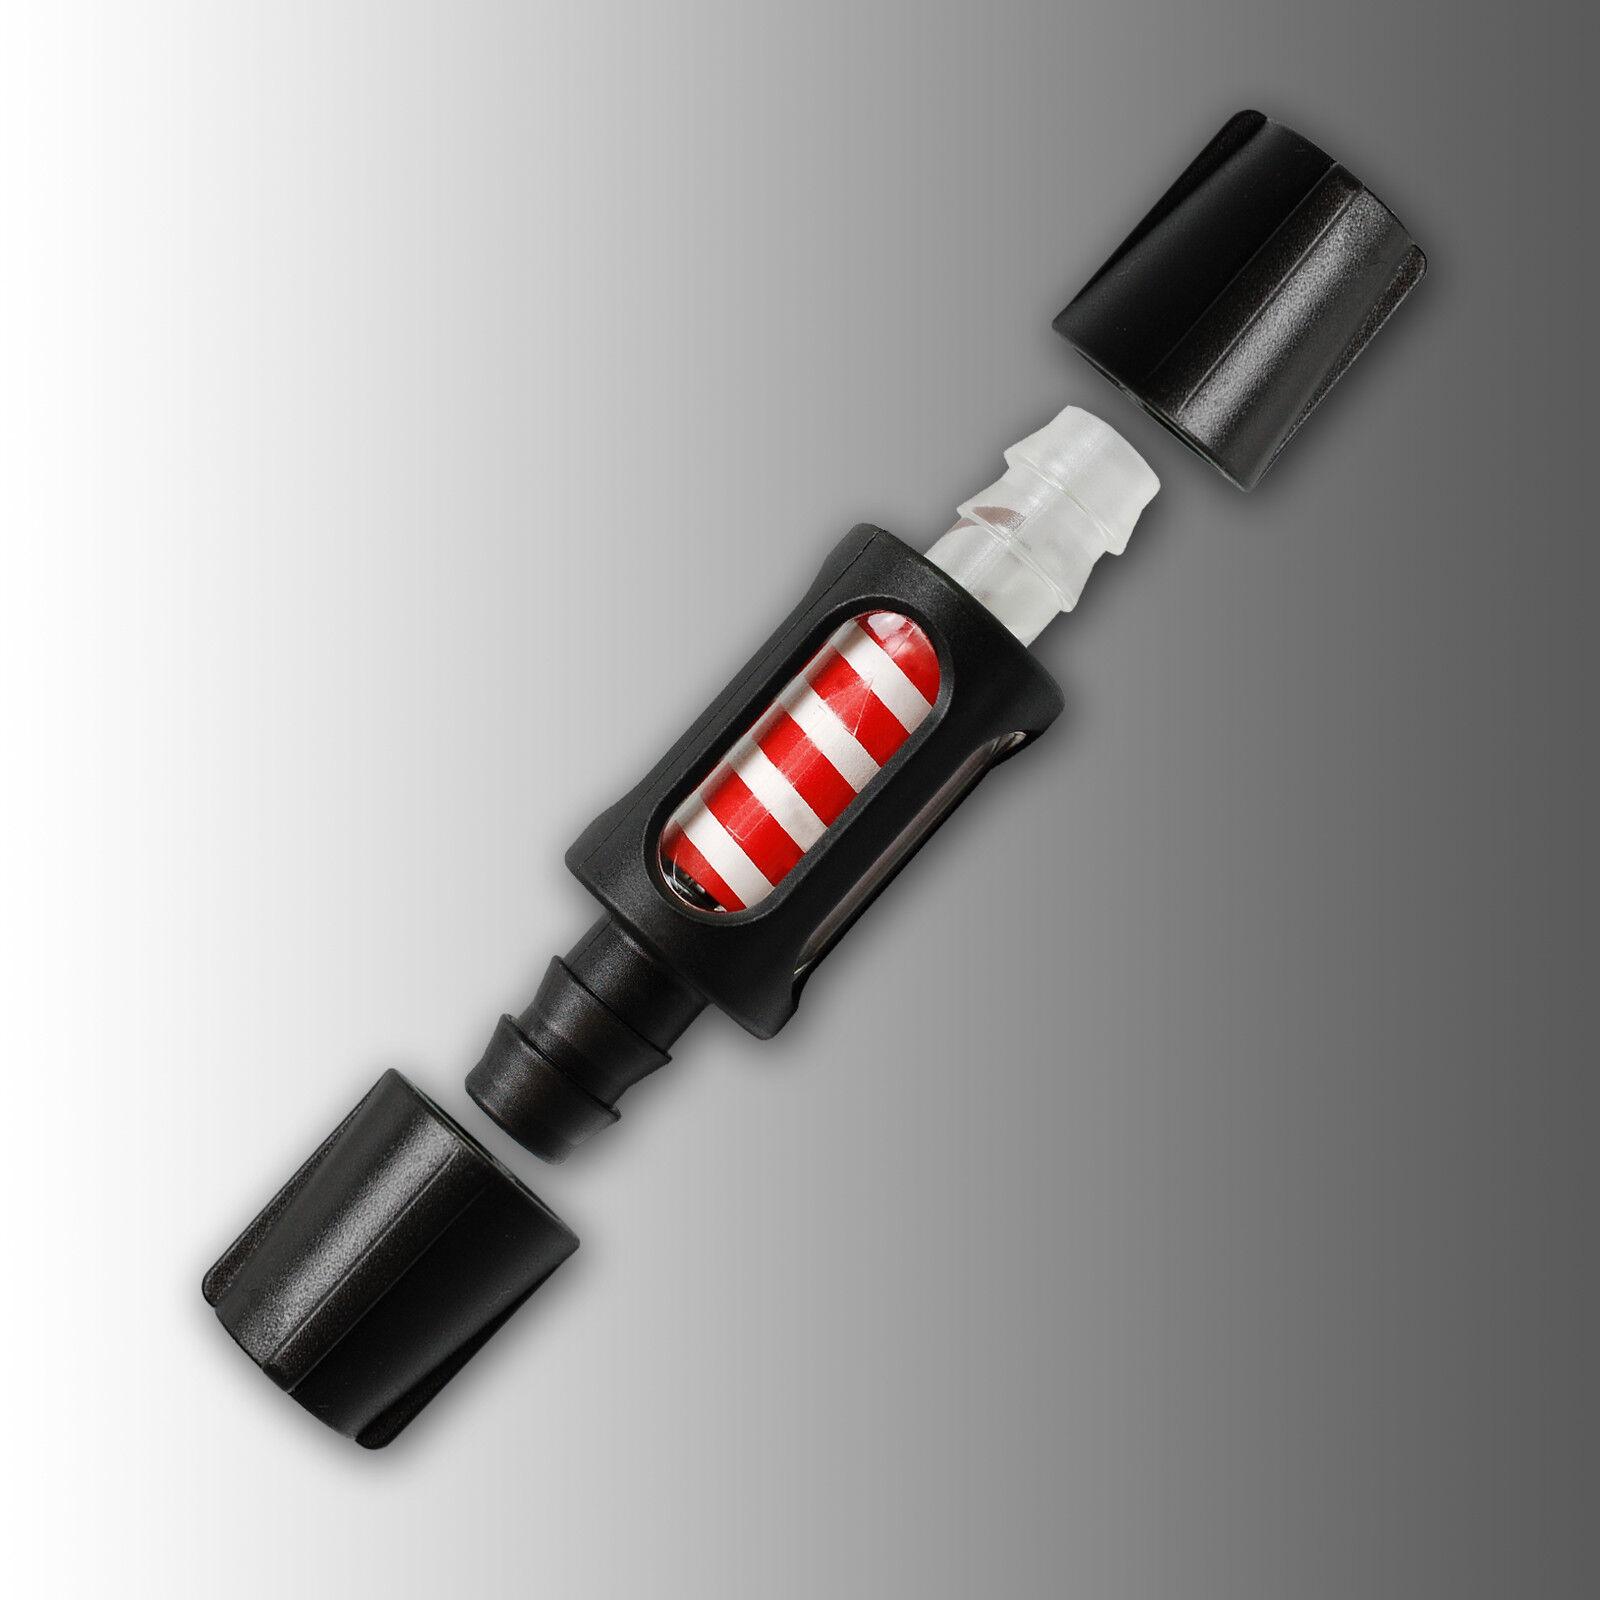 L'eau füllsystem Protect tableau de bord 10 Réception mm Bac De Réception 10 Batterie aquamatik 1ffdf2